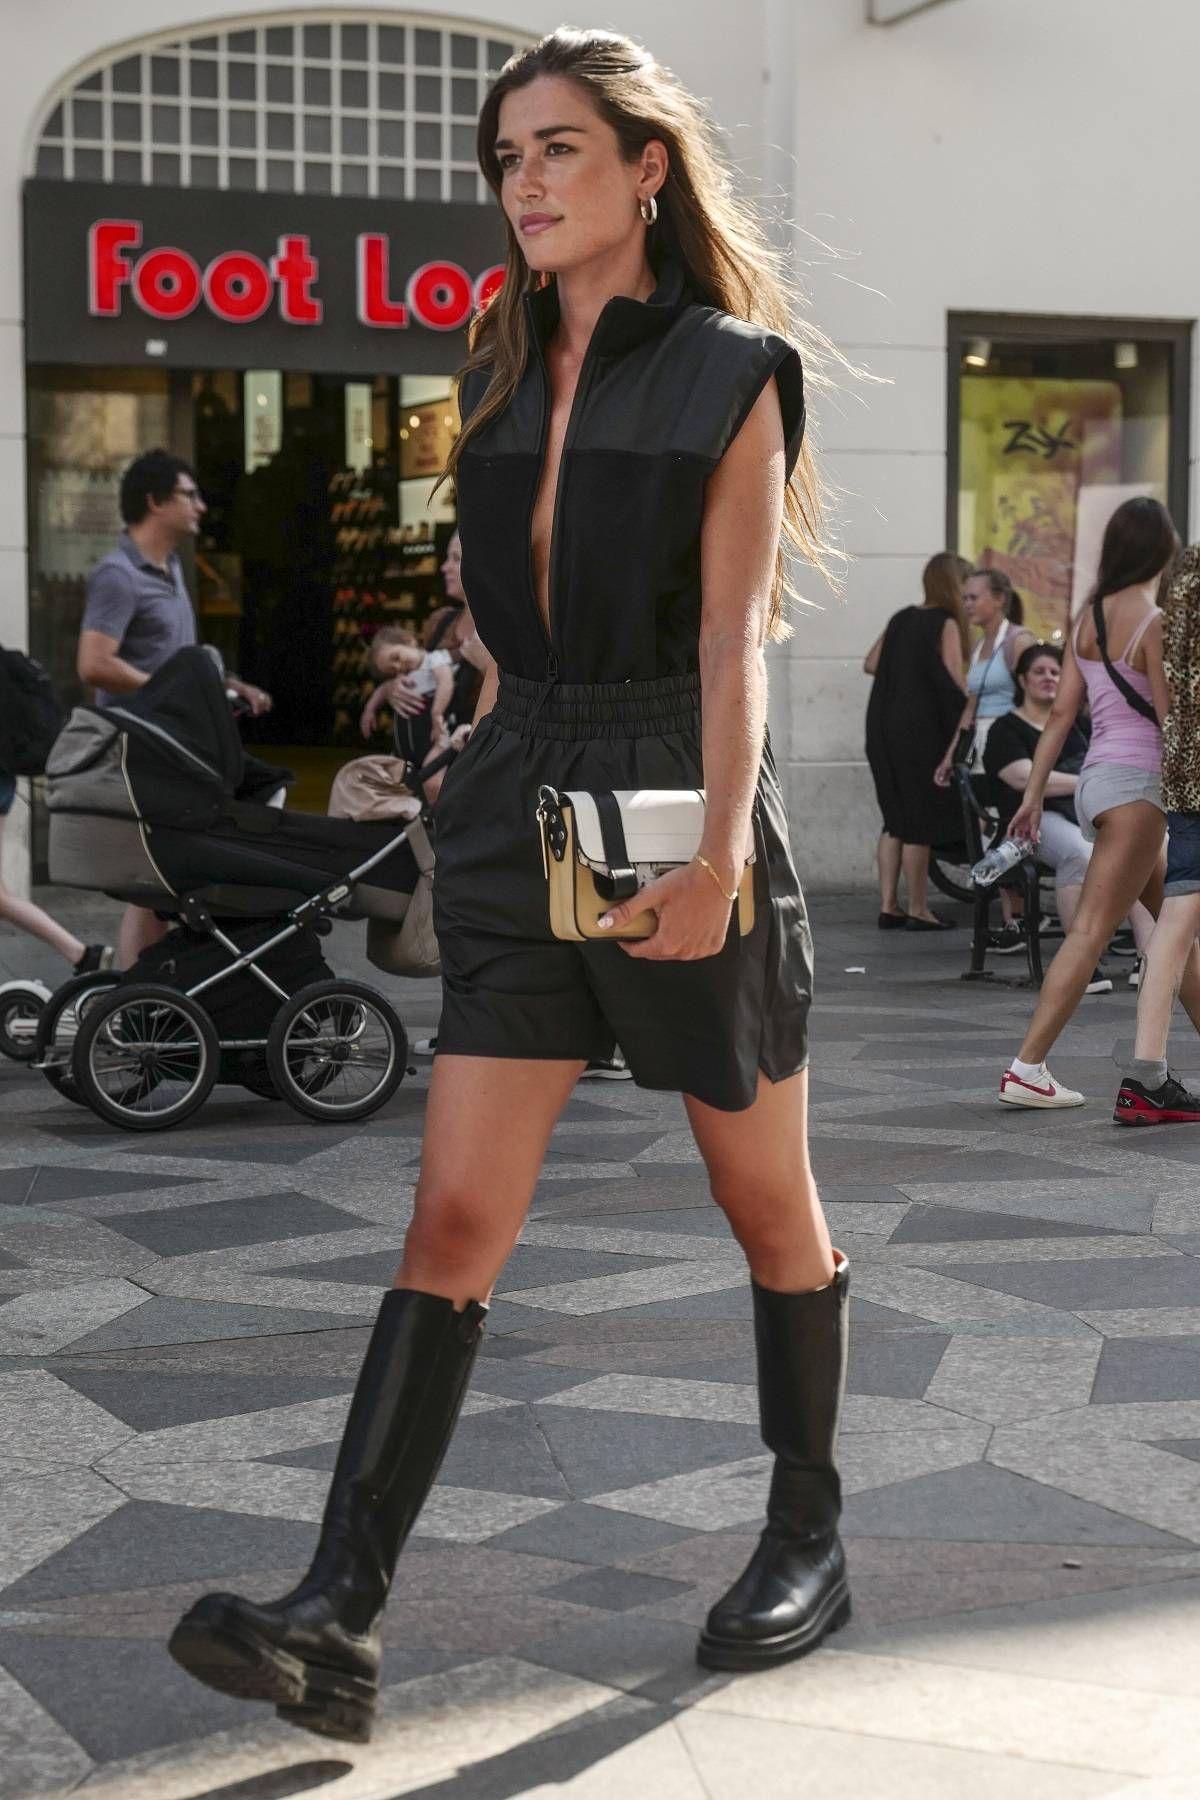 Najlepsze Stylizacje Z Tygodnia Mody W Kopenhadze Wiosna Lato 20211 32najlepsze Stylizacje Z Tygodnia Mody Cool Street Fashion Copenhagen Fashion Week Fashion